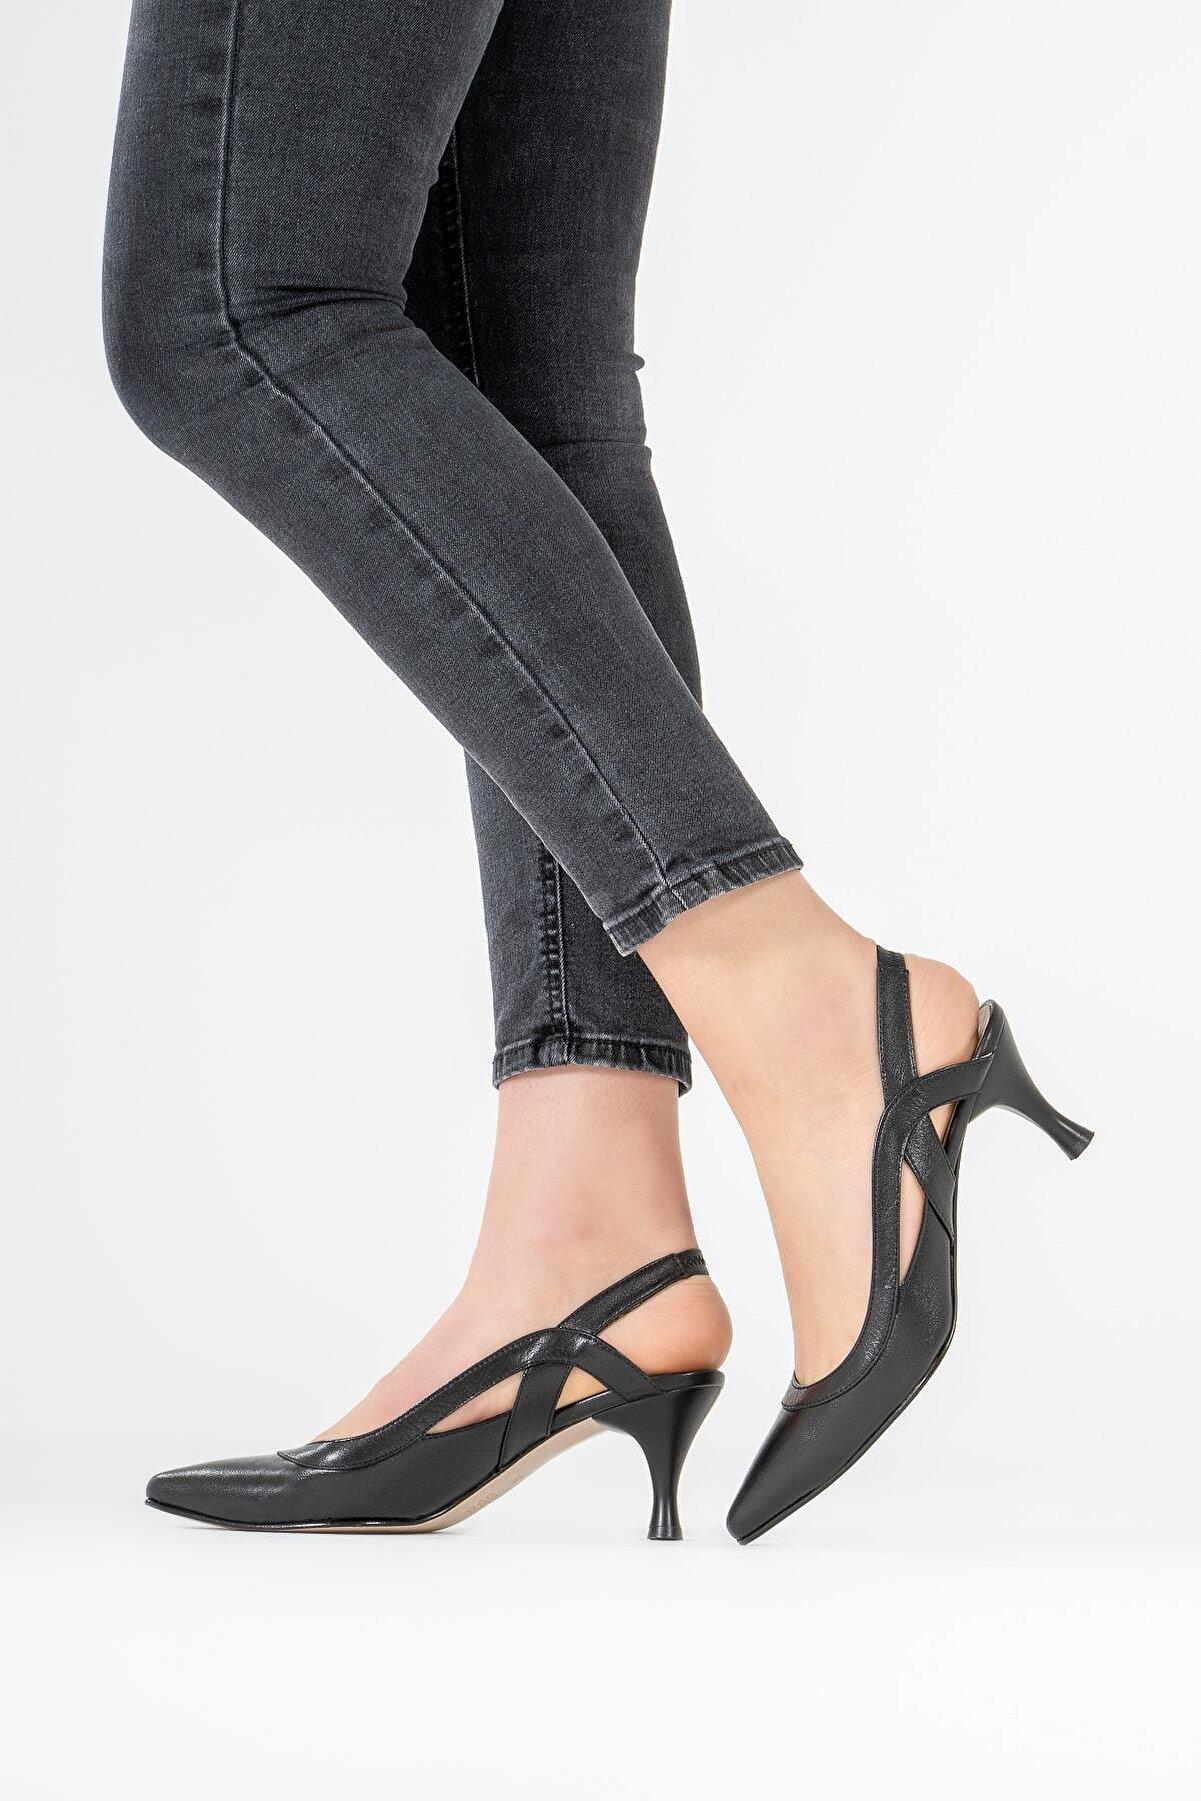 CZ London Kadın Ayakkabı